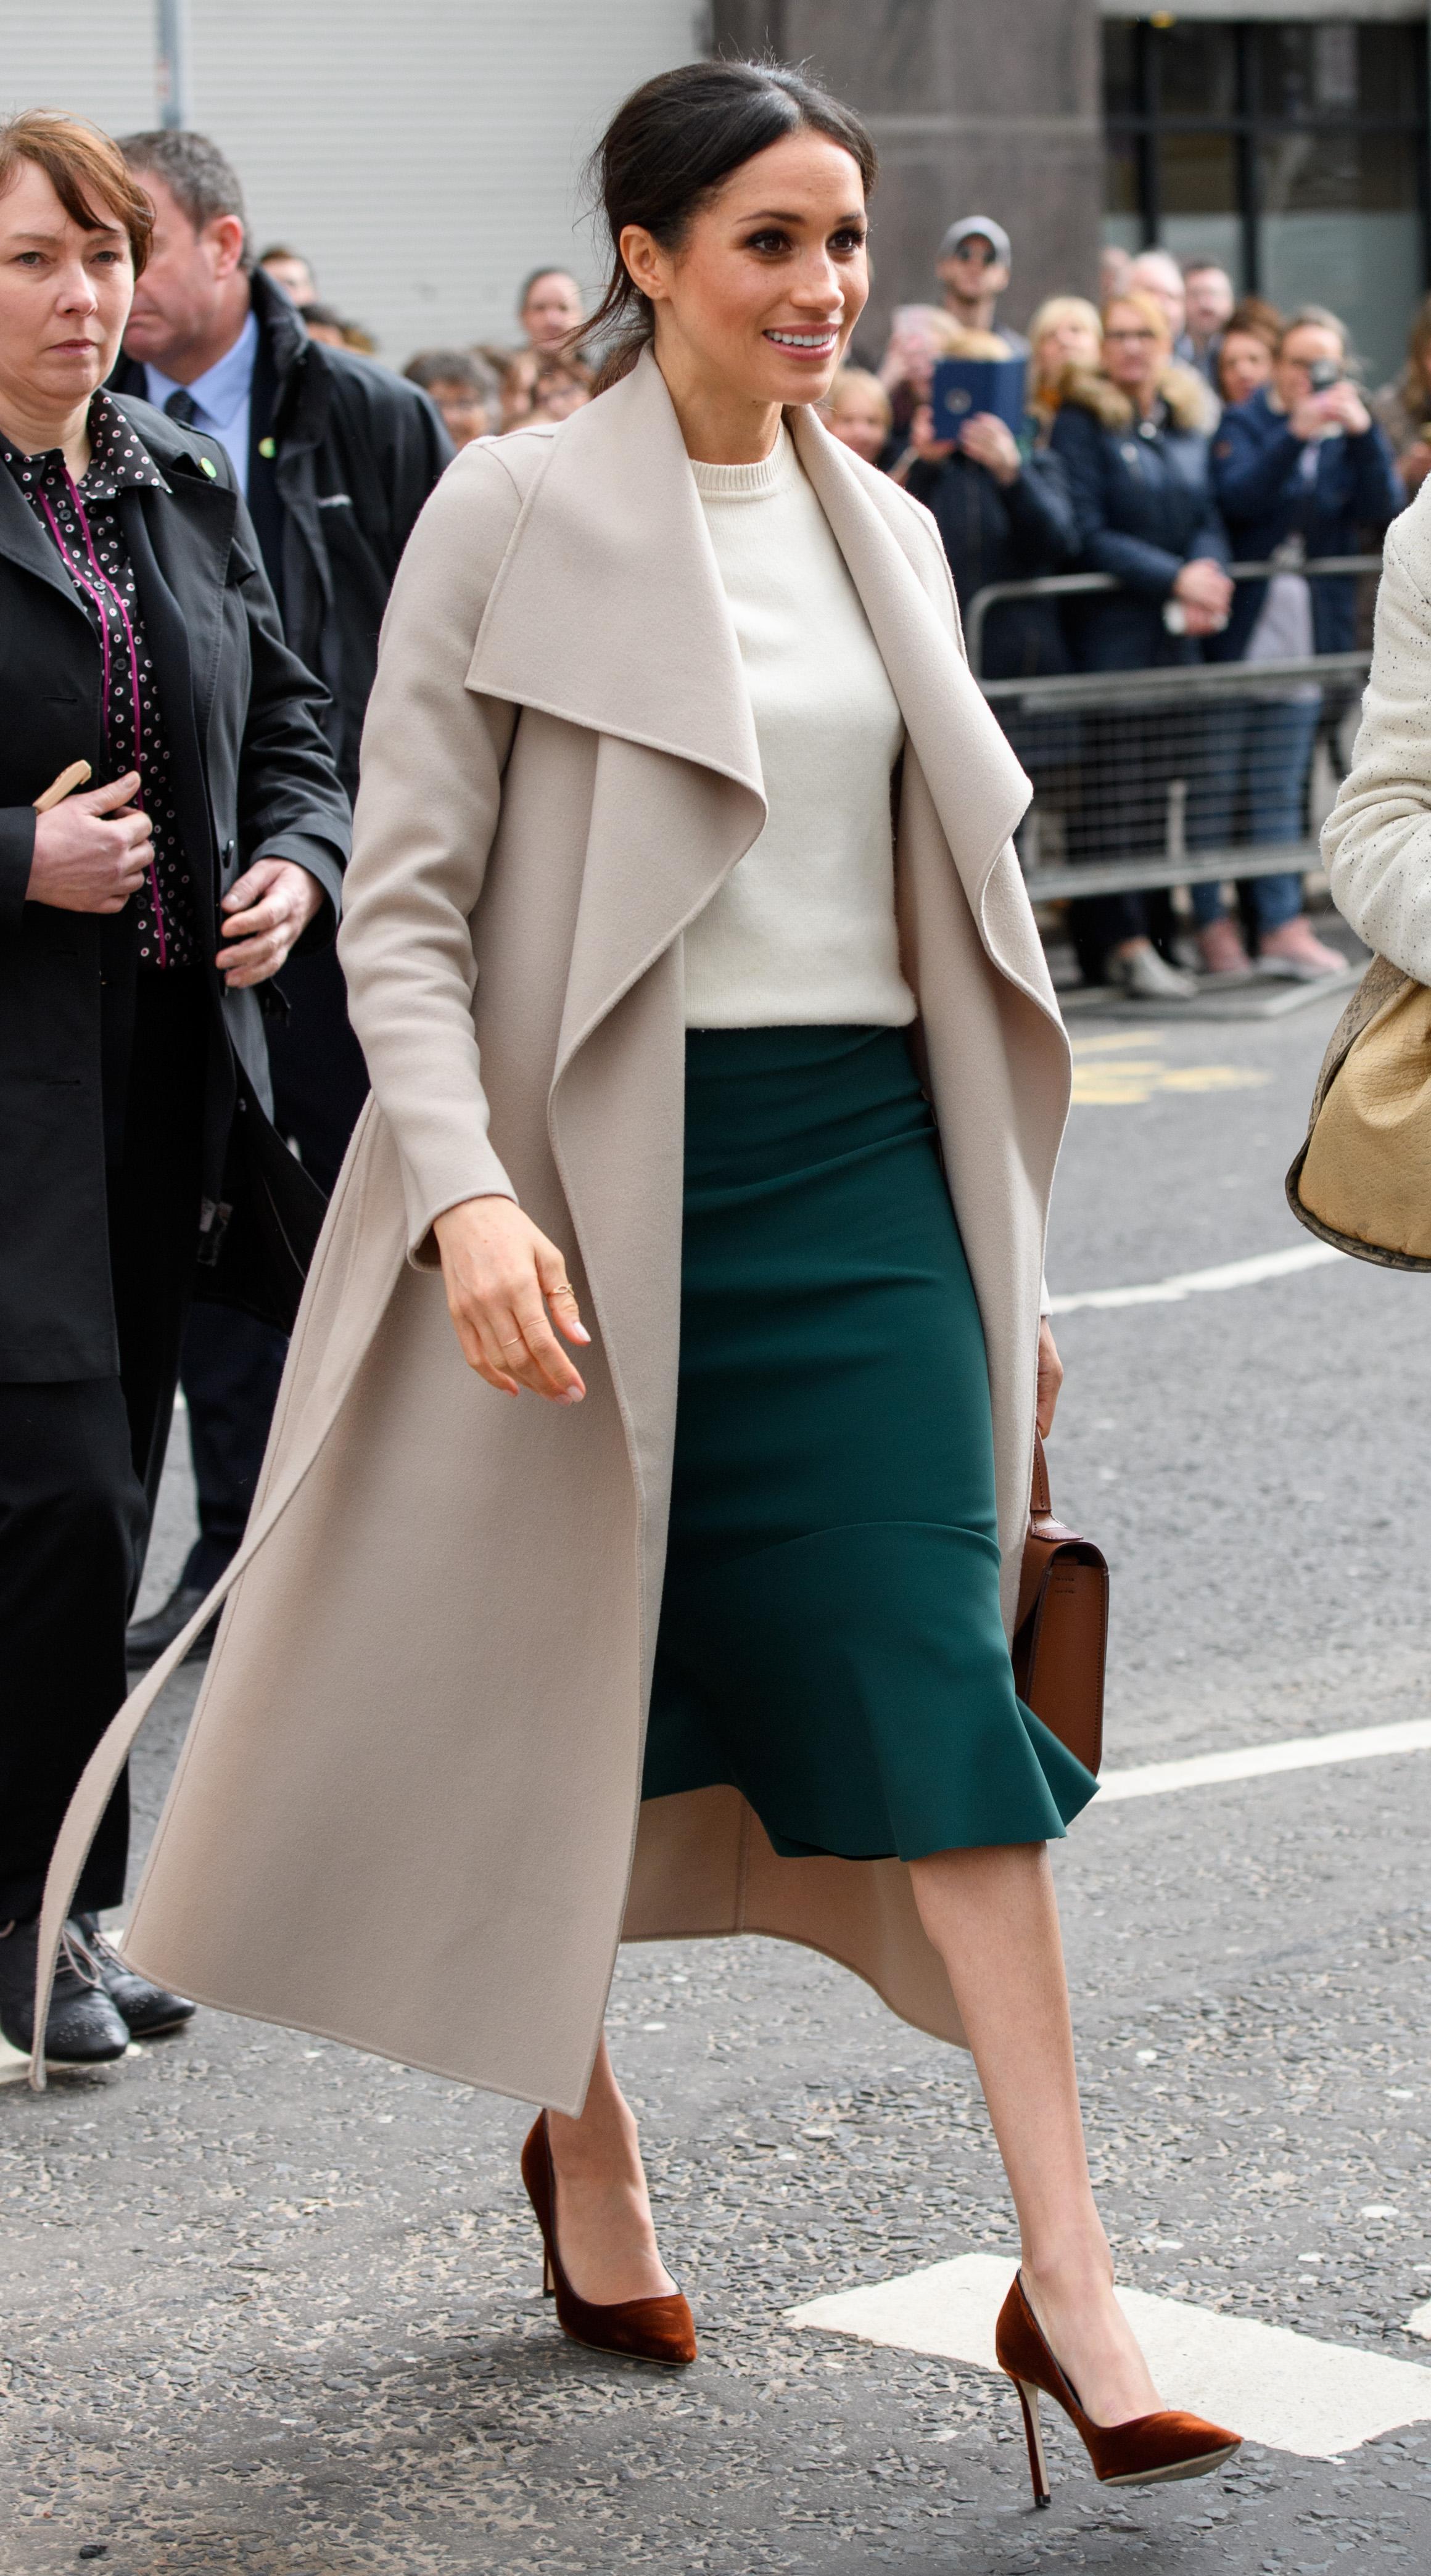 """Bất ngờ: Meghan Markle đánh bại Công nương Kate, trở thành """"biểu tượng thời trang"""" được tìm kiếm nhiều nhất - Ảnh 3."""